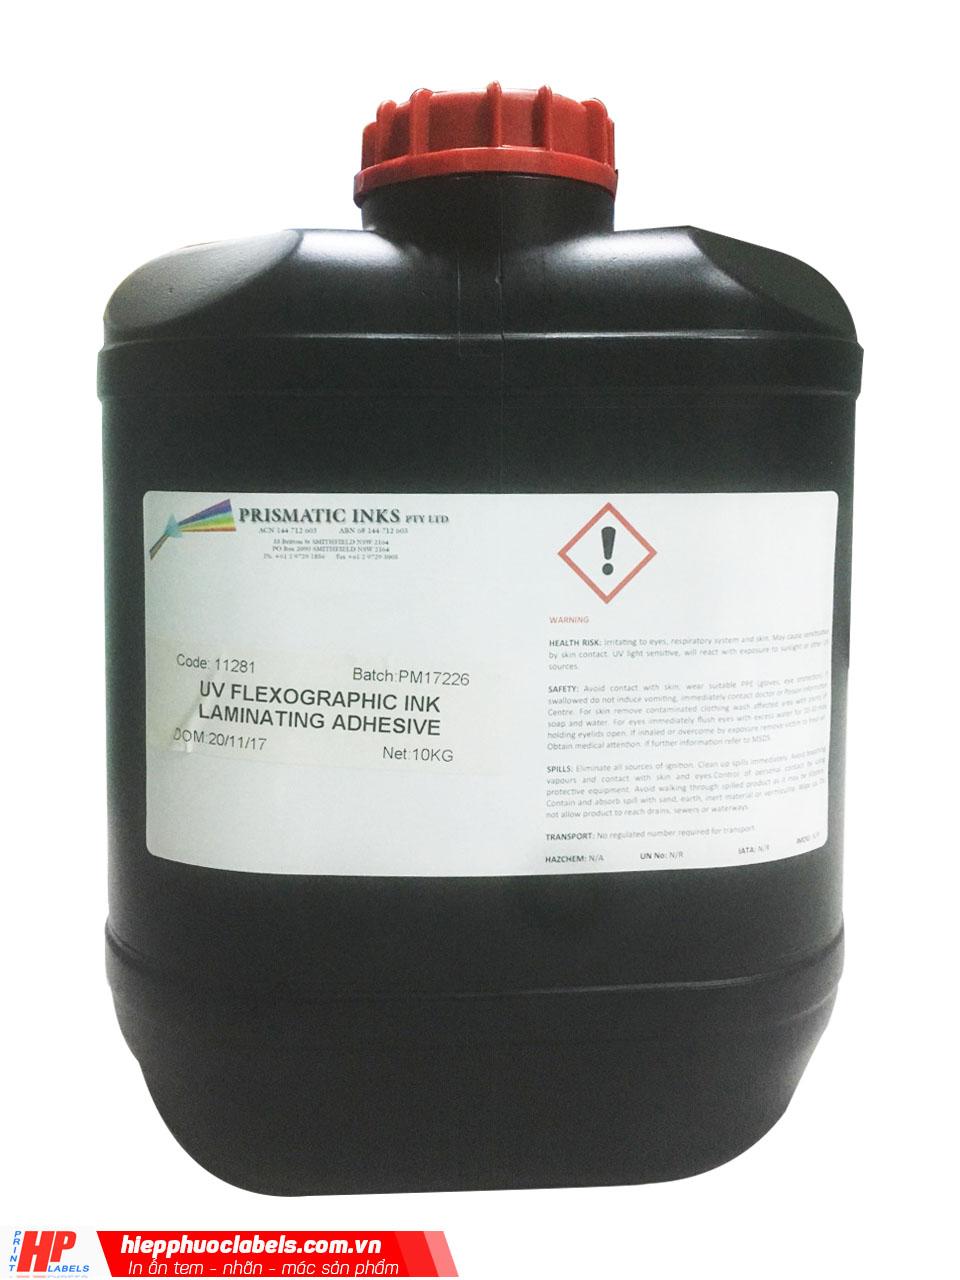 Keo cán màng, keo phủ bóng UV- Prismatic Ink -2 thùng